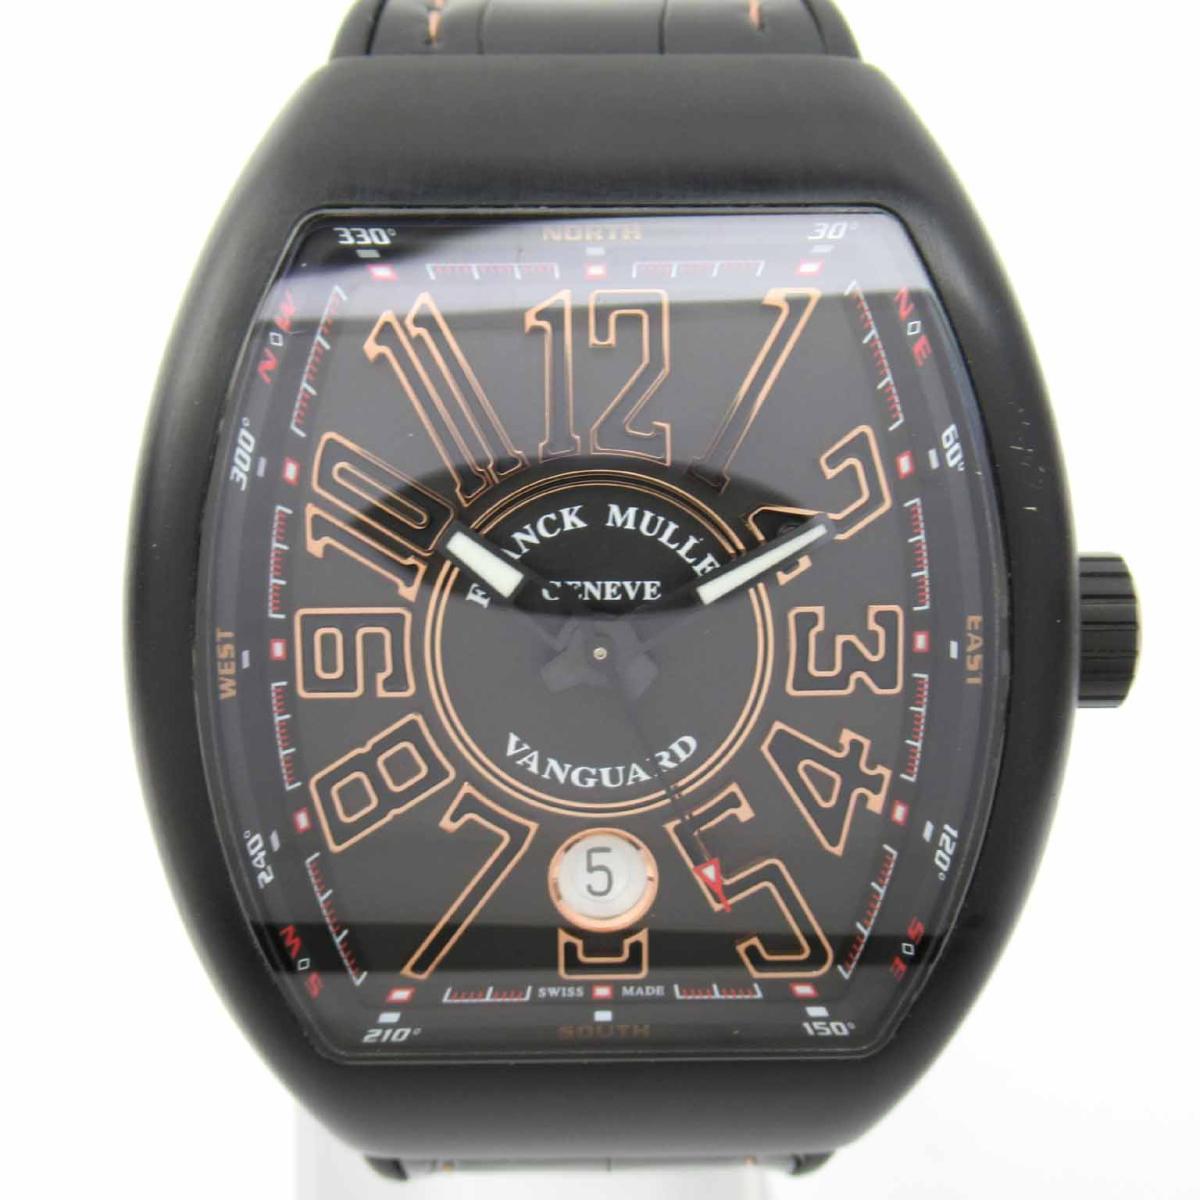 【中古】 フランク・ミュラー ヴァンガード ウォッチ 腕時計 メンズ PVD レザーベルト (V41SCDT TTNRBR5N) | FRANCK MULLER BRANDOFF ブランドオフ ブランド ブランド時計 ブランド腕時計 時計